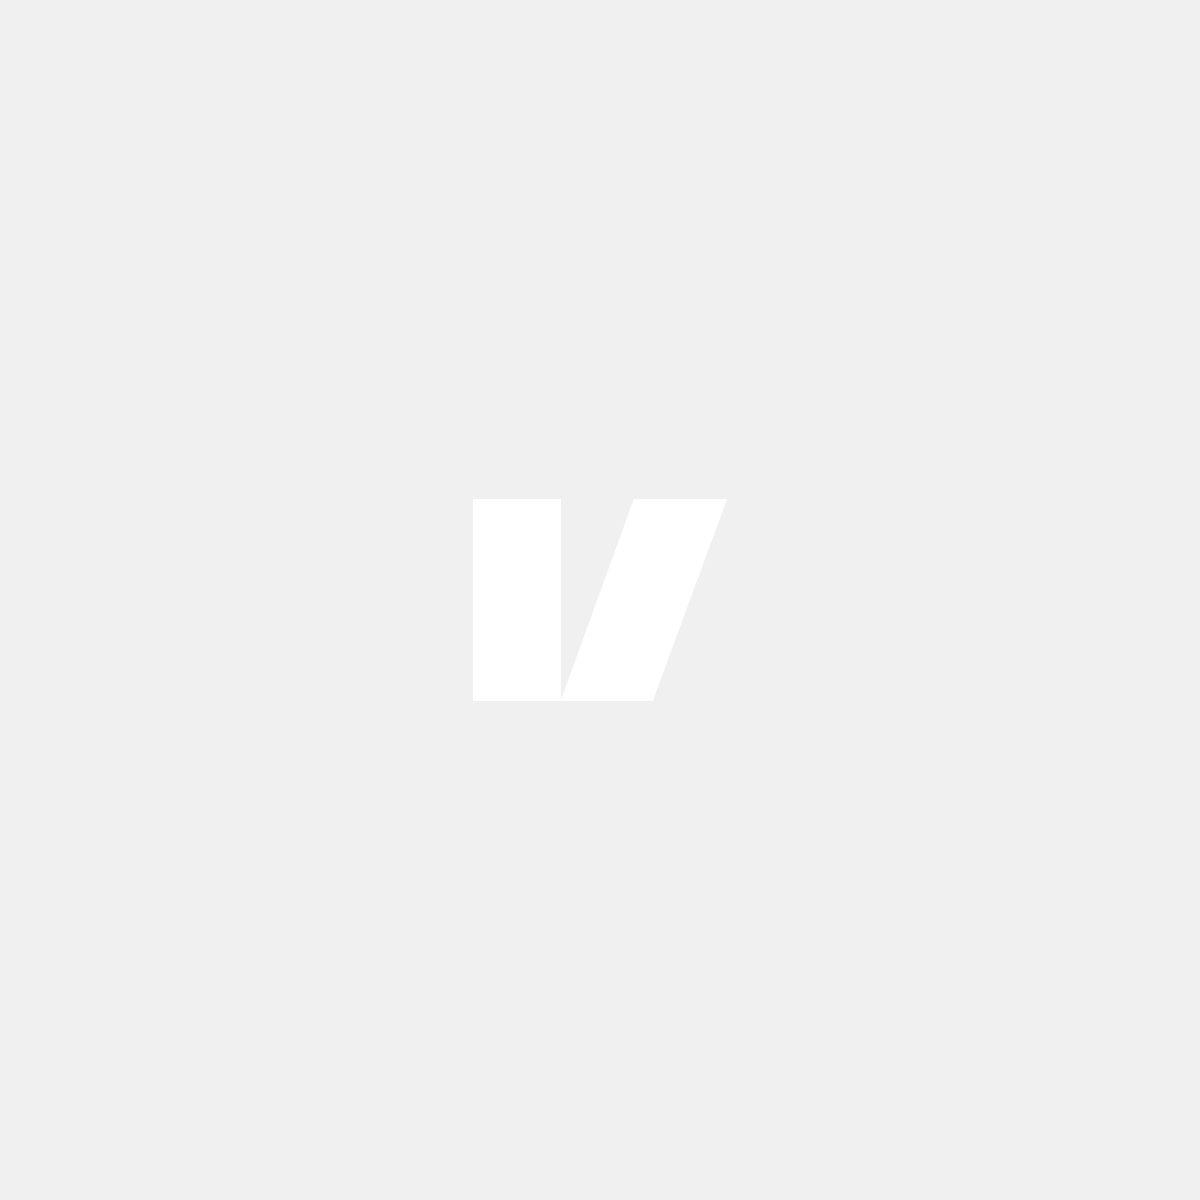 Vita sidomarkeringar till Volvo S80